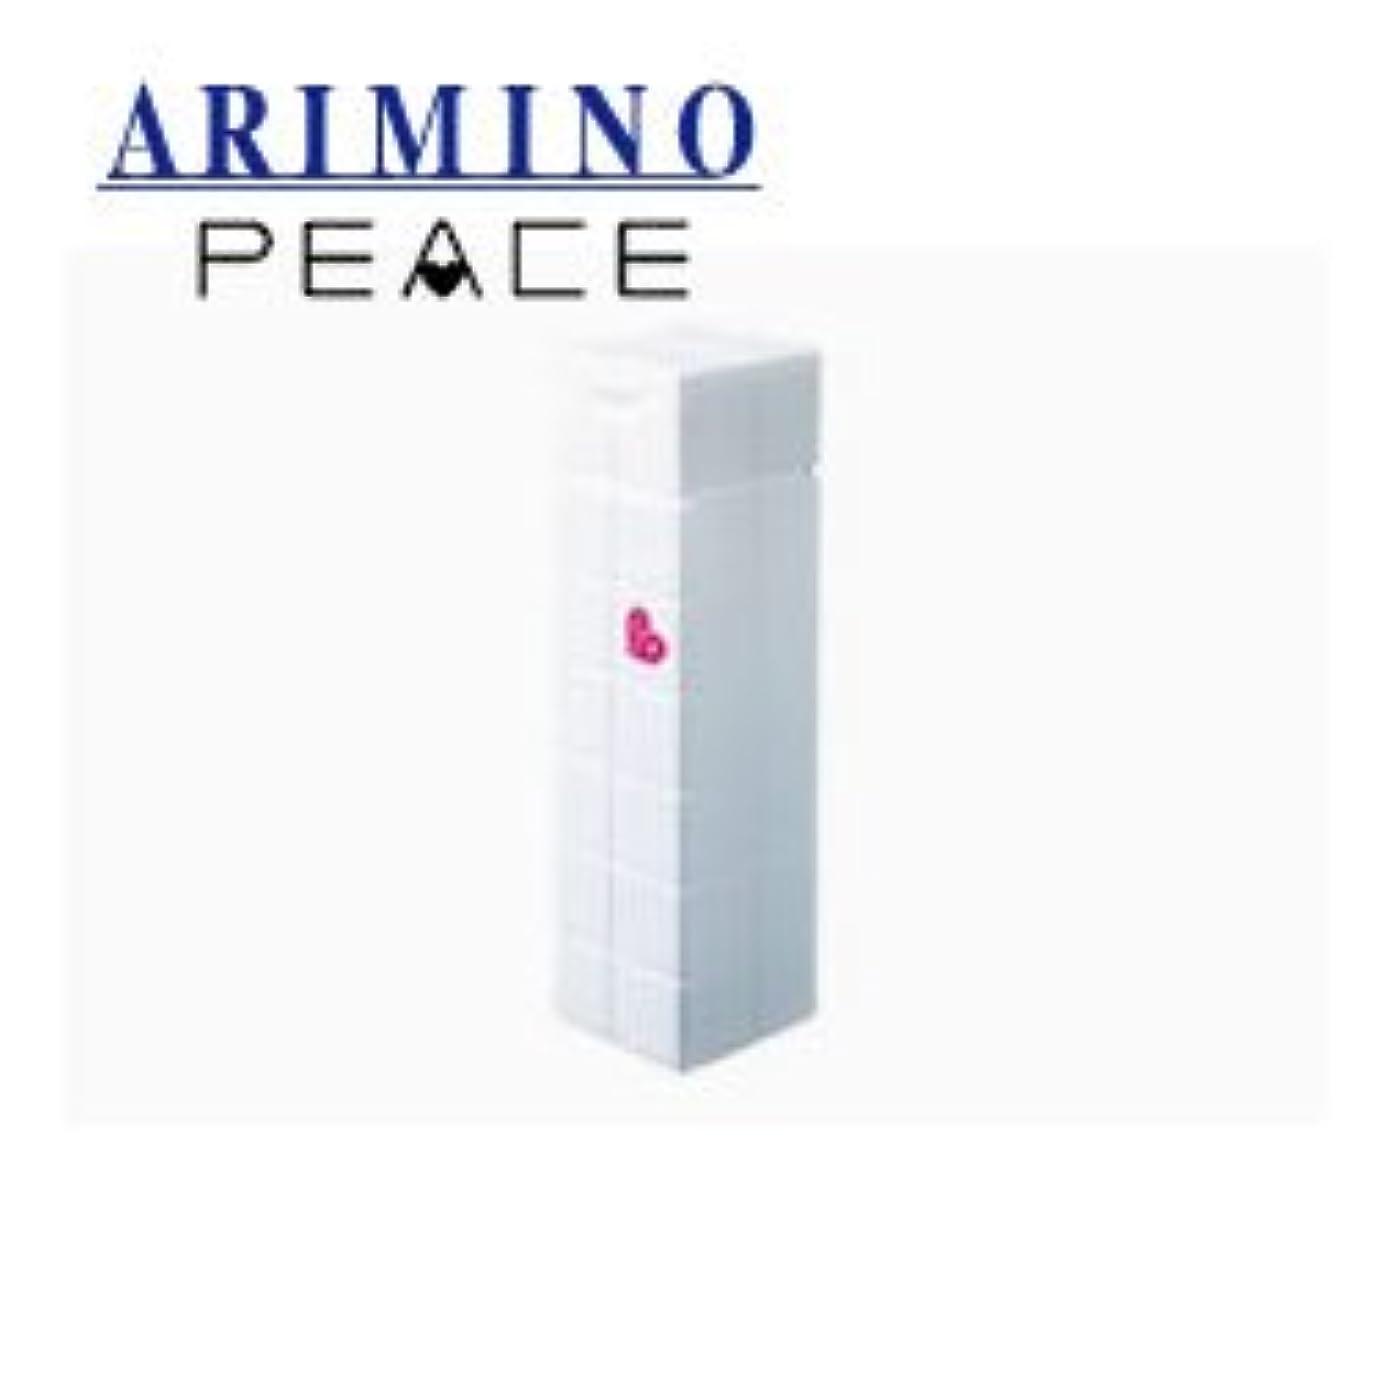 実現可能性特別に理想的にはアリミノ ピース グロスmilk ホワイト 200ml